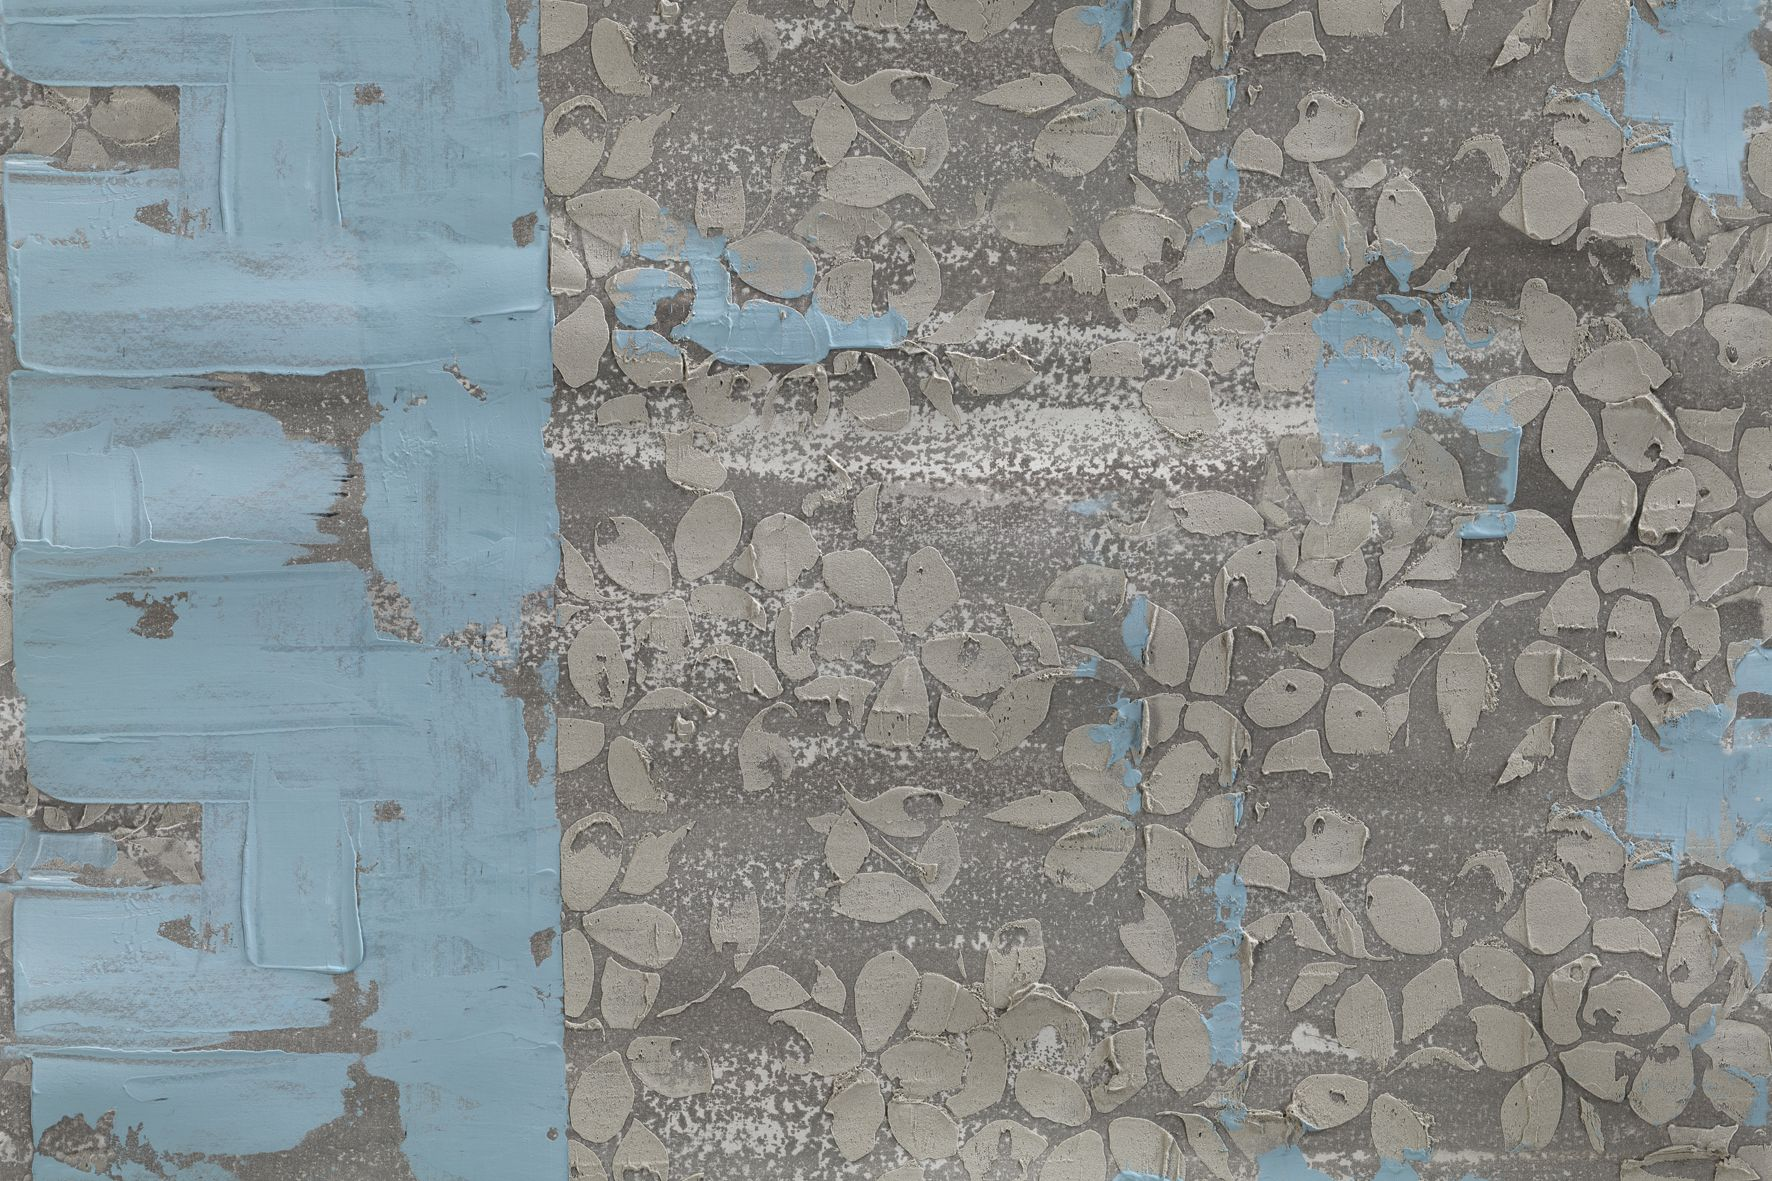 Carta da parati - Imprint | Carta da parati, Carte da ...